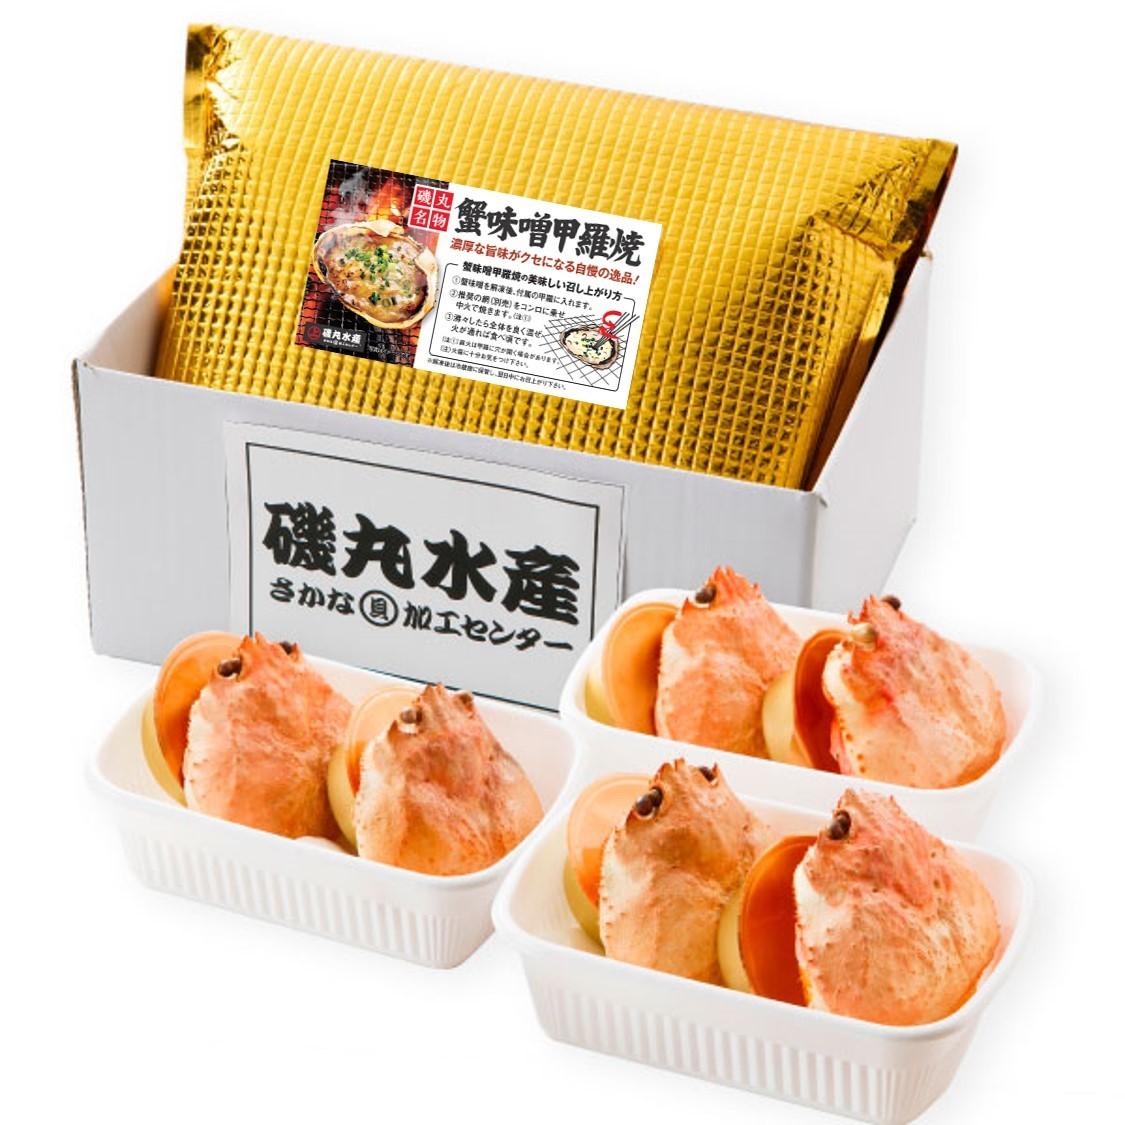 磯丸水産 名物 人気メニュー 蟹味噌甲羅焼 (6食) 冷凍 【送料無料】 蟹味噌 カニみそ カニ味噌 かにみそ かに カニ 海…